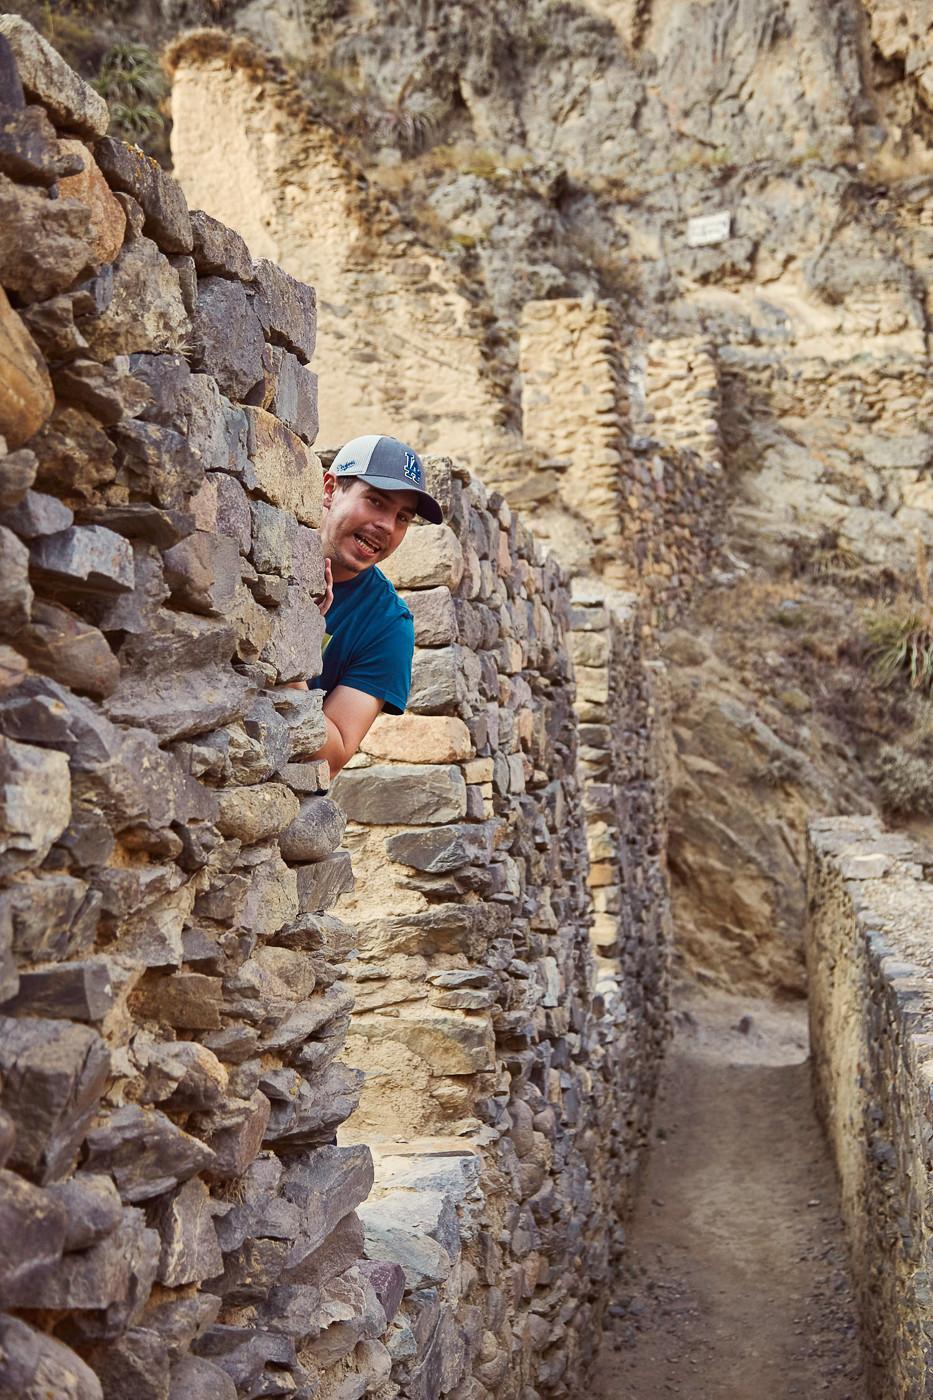 Entdecke Peru mit uns. Wir haben für dich alle Tips notiert, die wir gerne bei unserer Reiseplanung gehabt hätten.